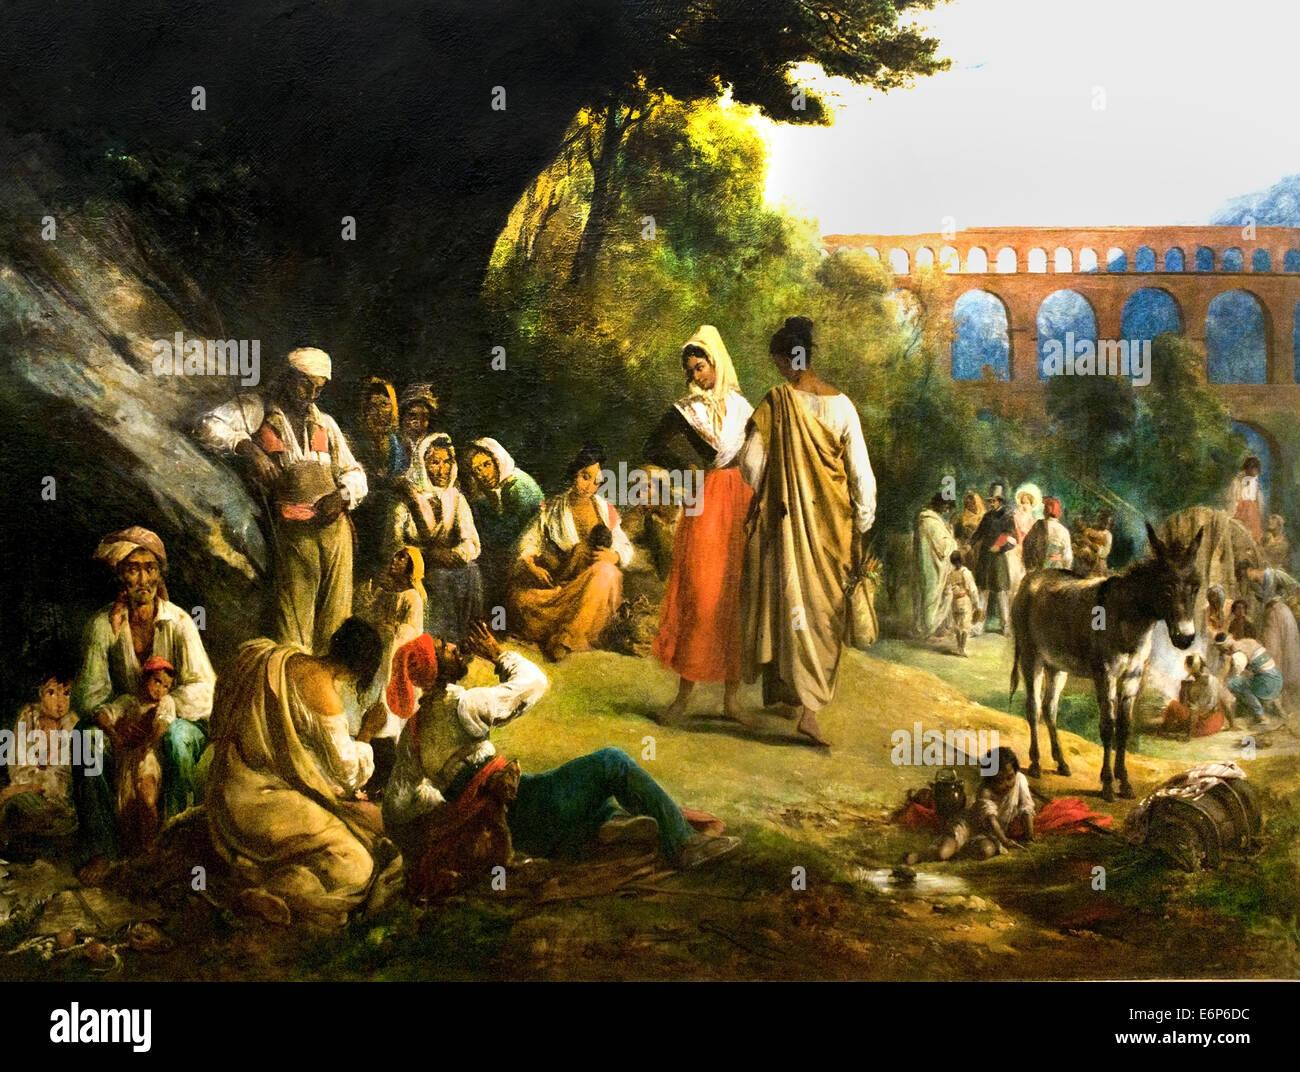 Les Bohémiens au Pont du Gard - Bohemians at the Pont du Gard 1836 Alexandre Marie Colin 1708-1873  France - Stock Image